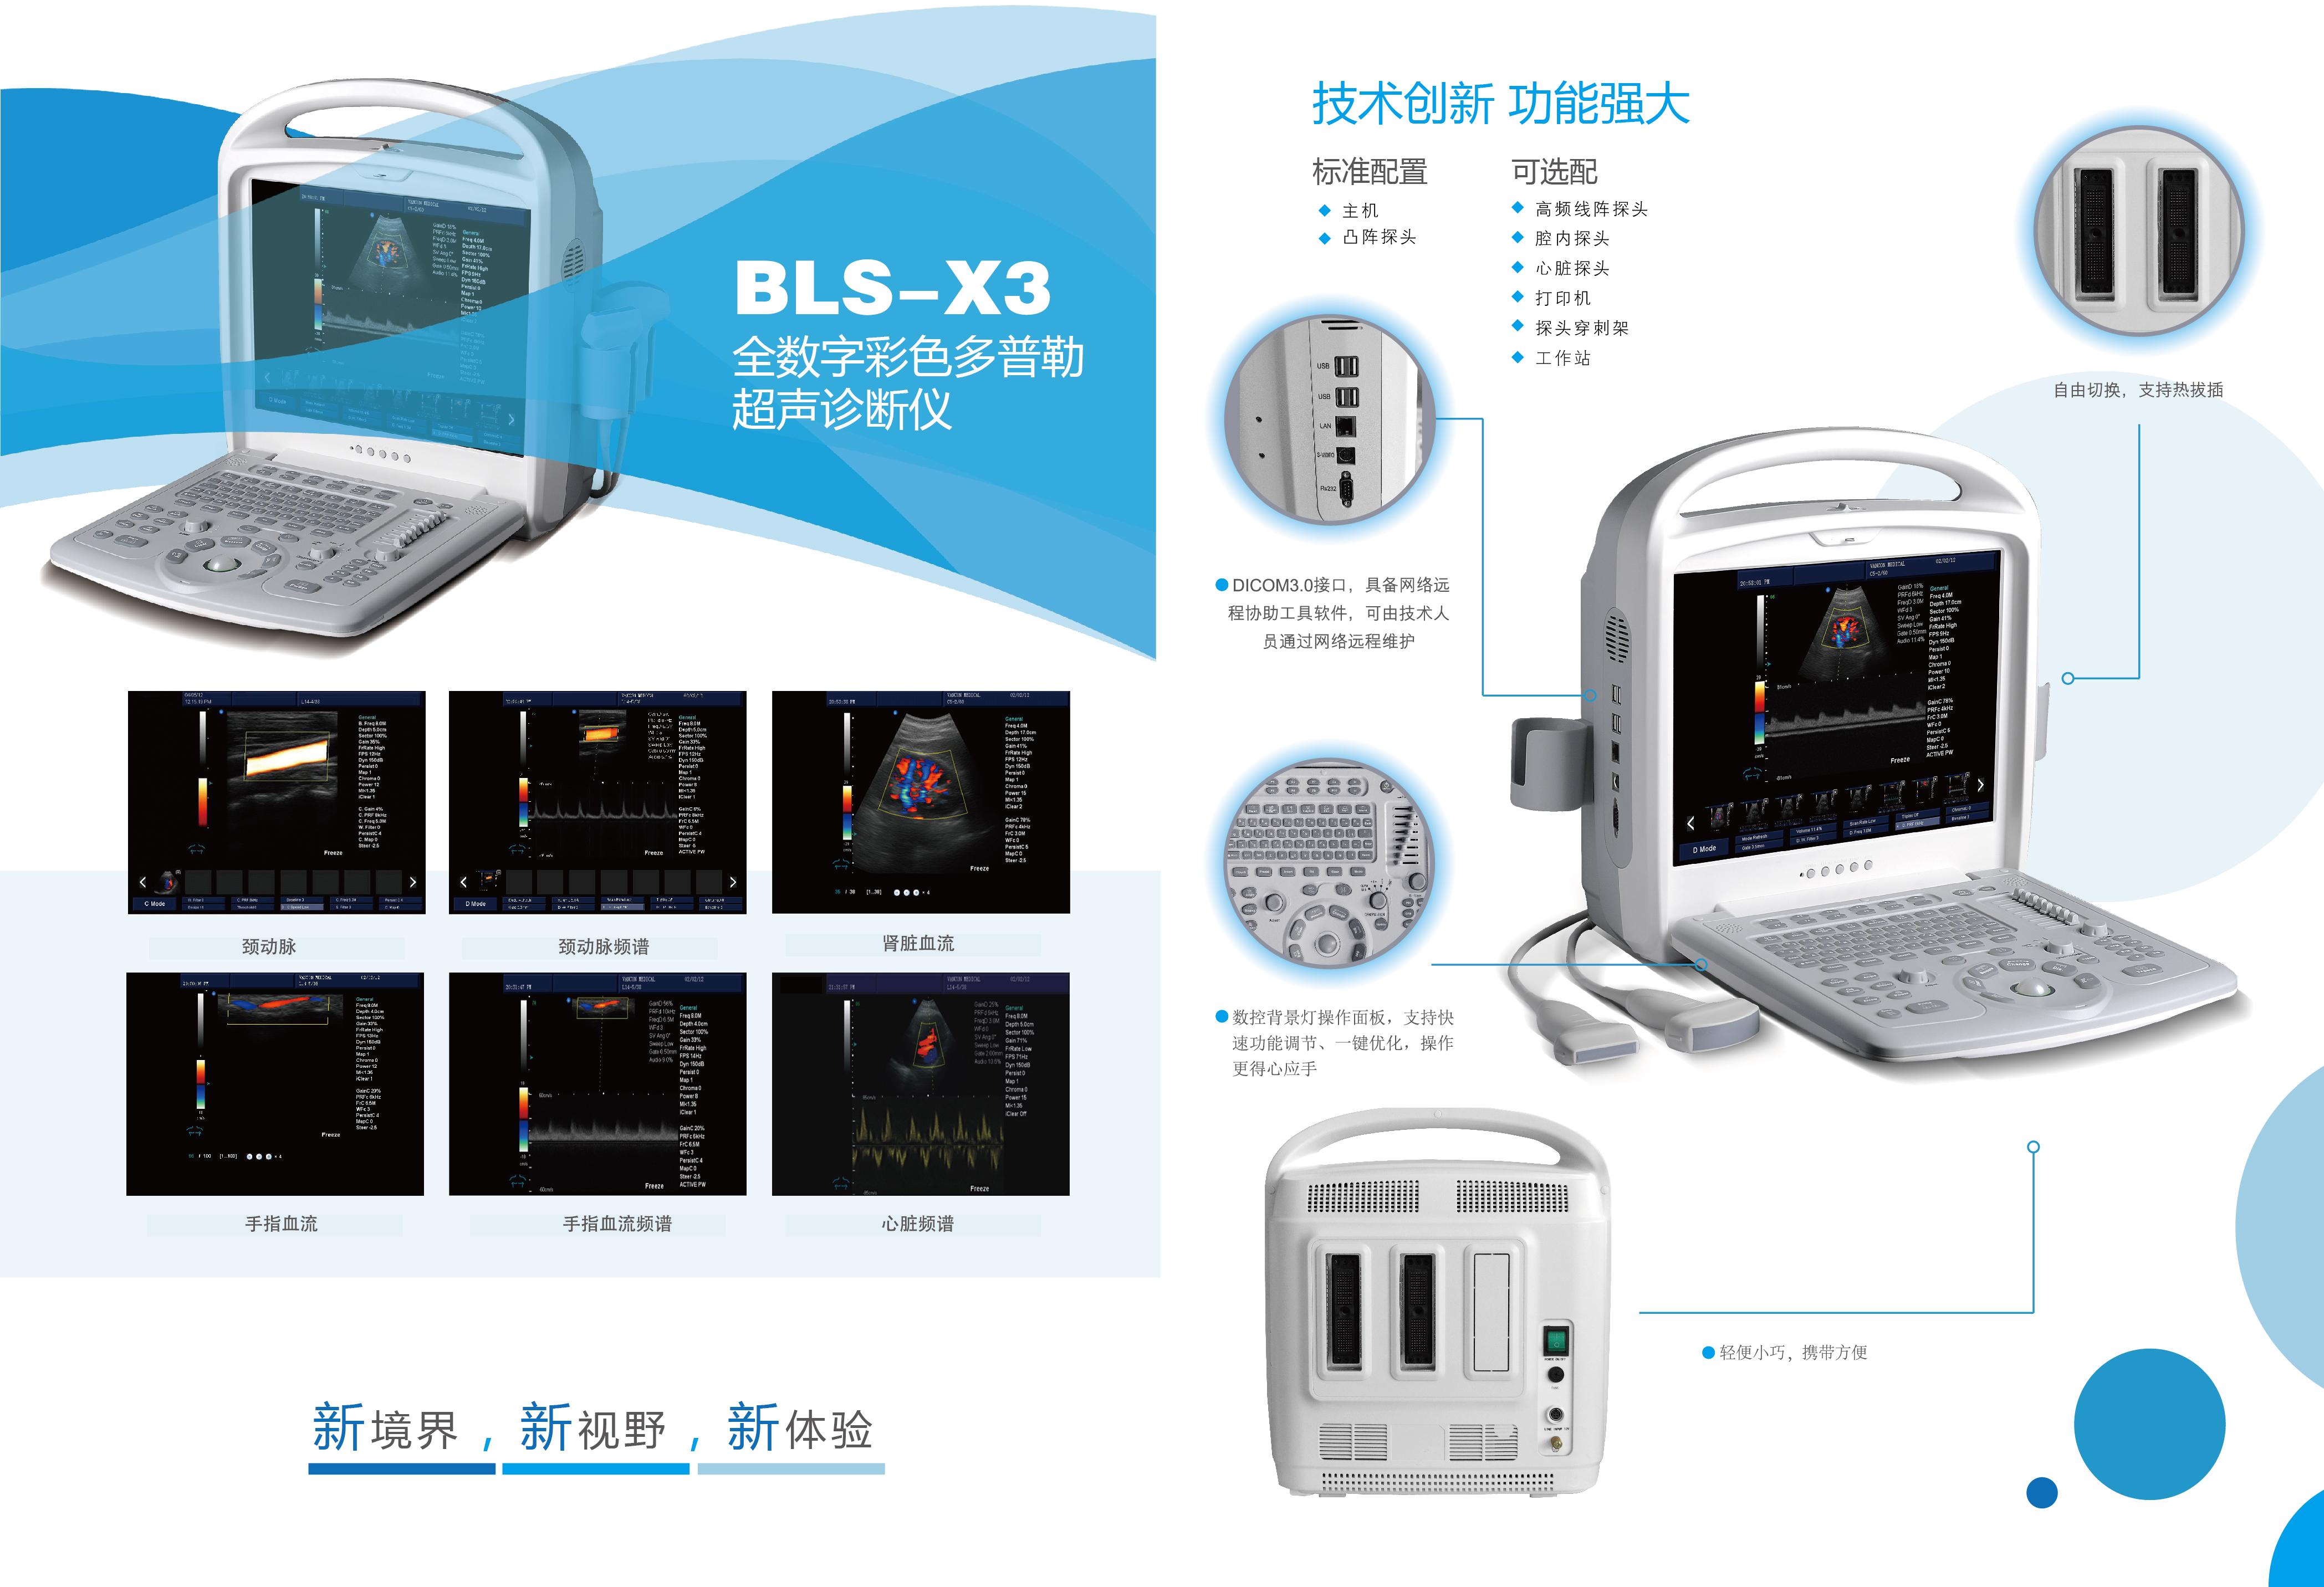 http://file1.alaibao.cn/material/goods/202007/02a15b8e74e542eb878b62109582f491.jpg